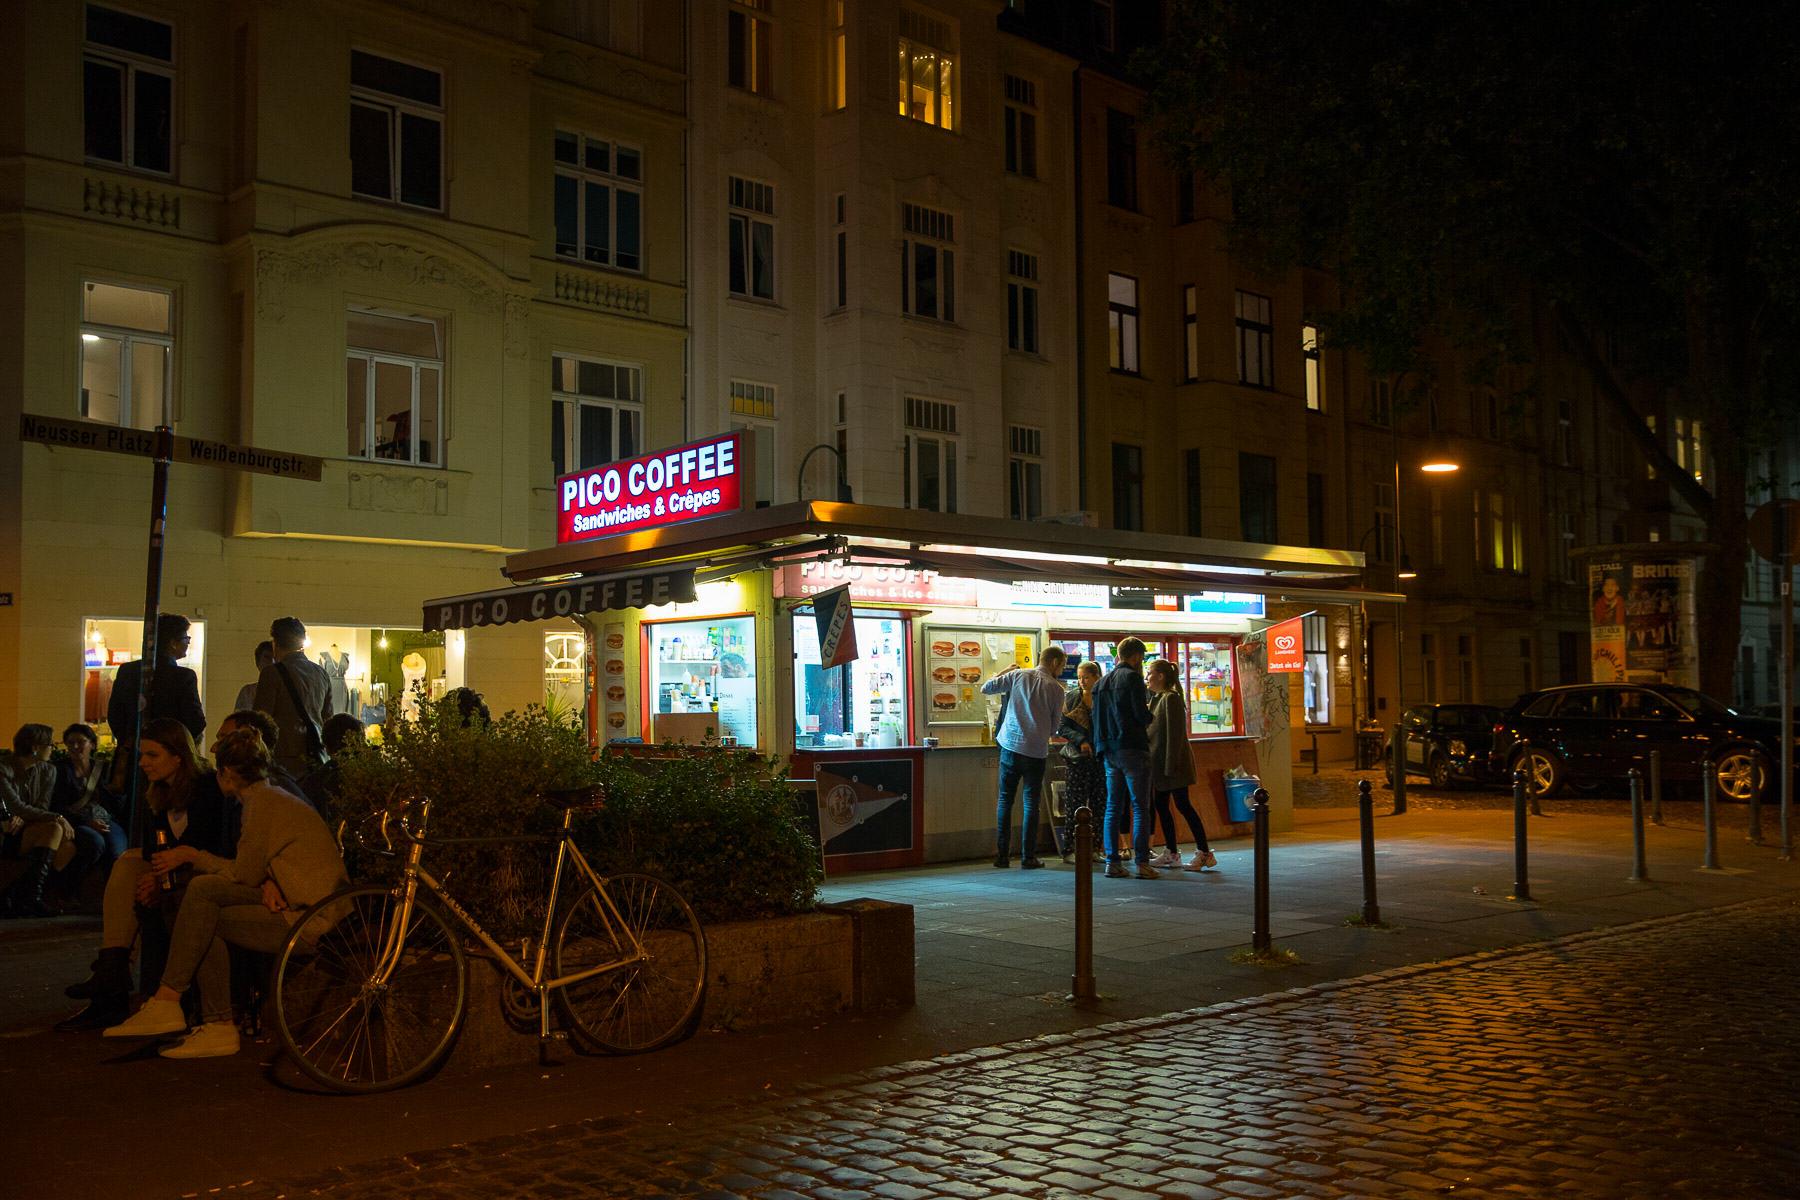 Seidaris-Fotografie-Cologne-Koelner_Lichter-Canon_A7ii_Metabones_Adapter_2016-8